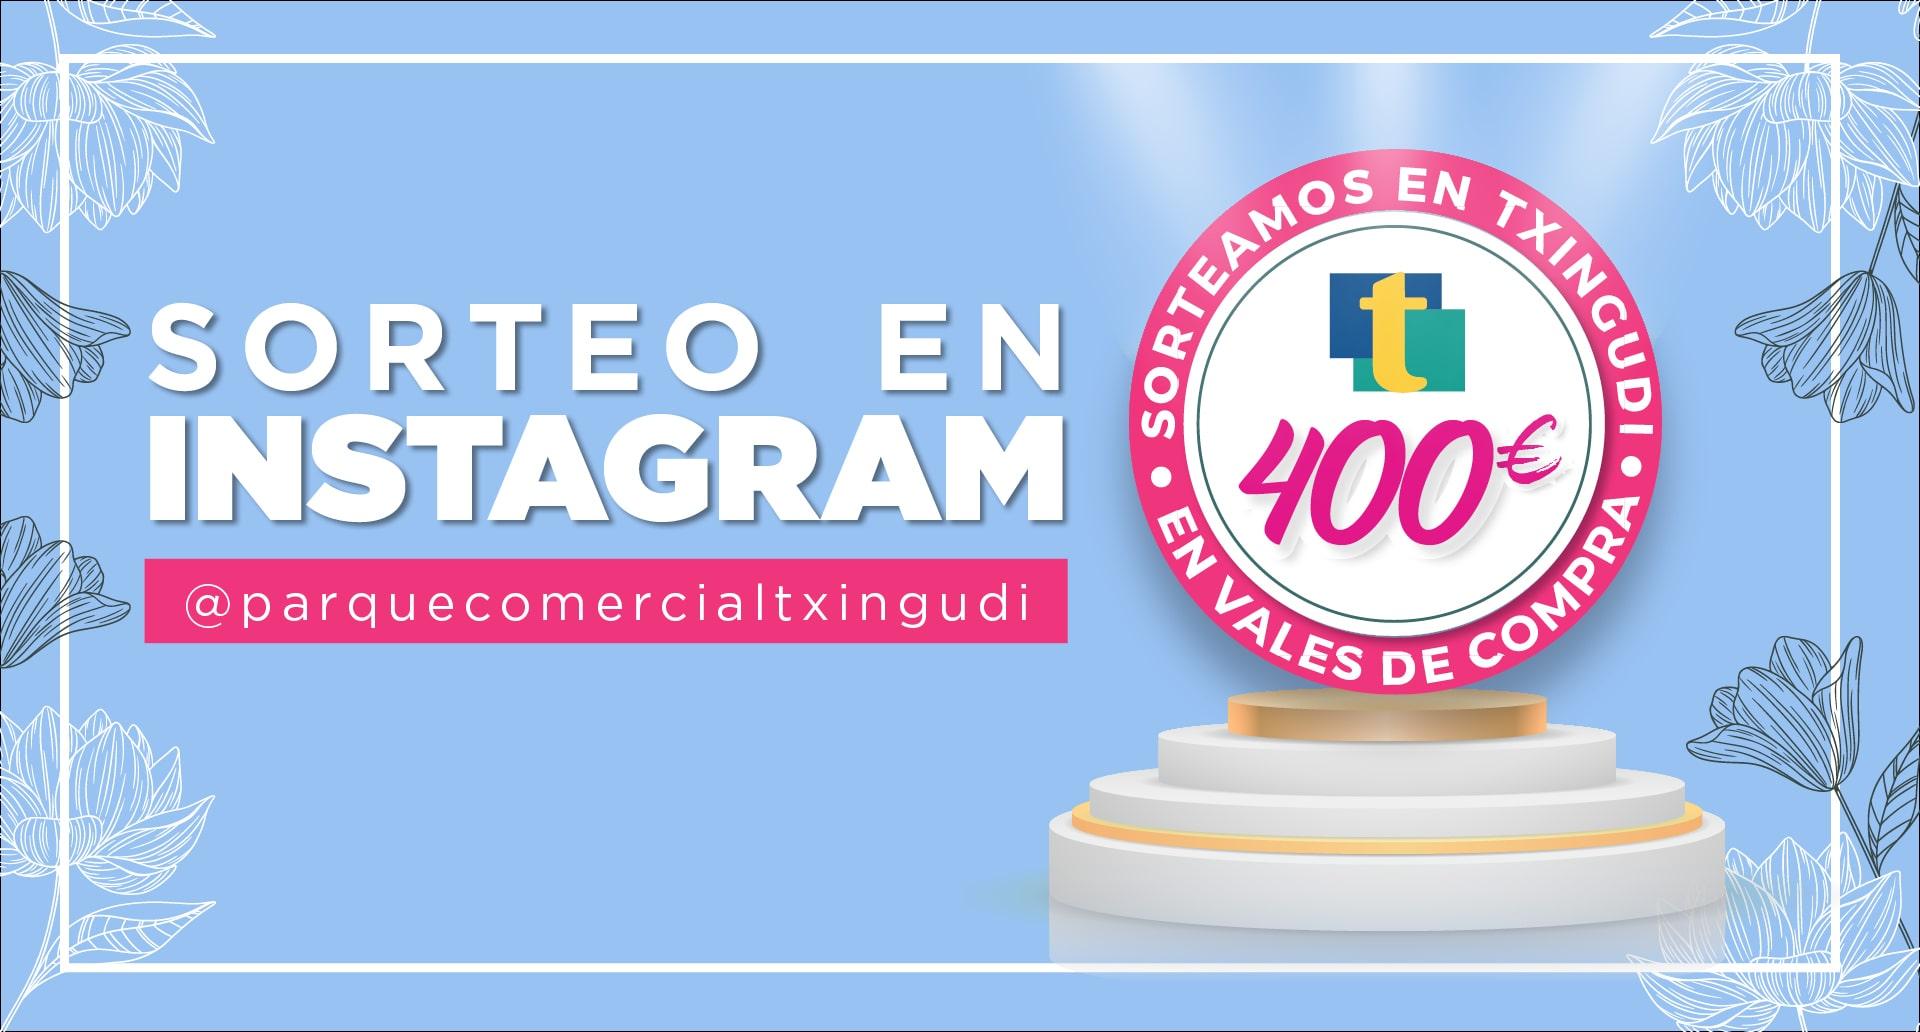 ¡Sorteamos 400€ en nuestra cuenta de Instagram!